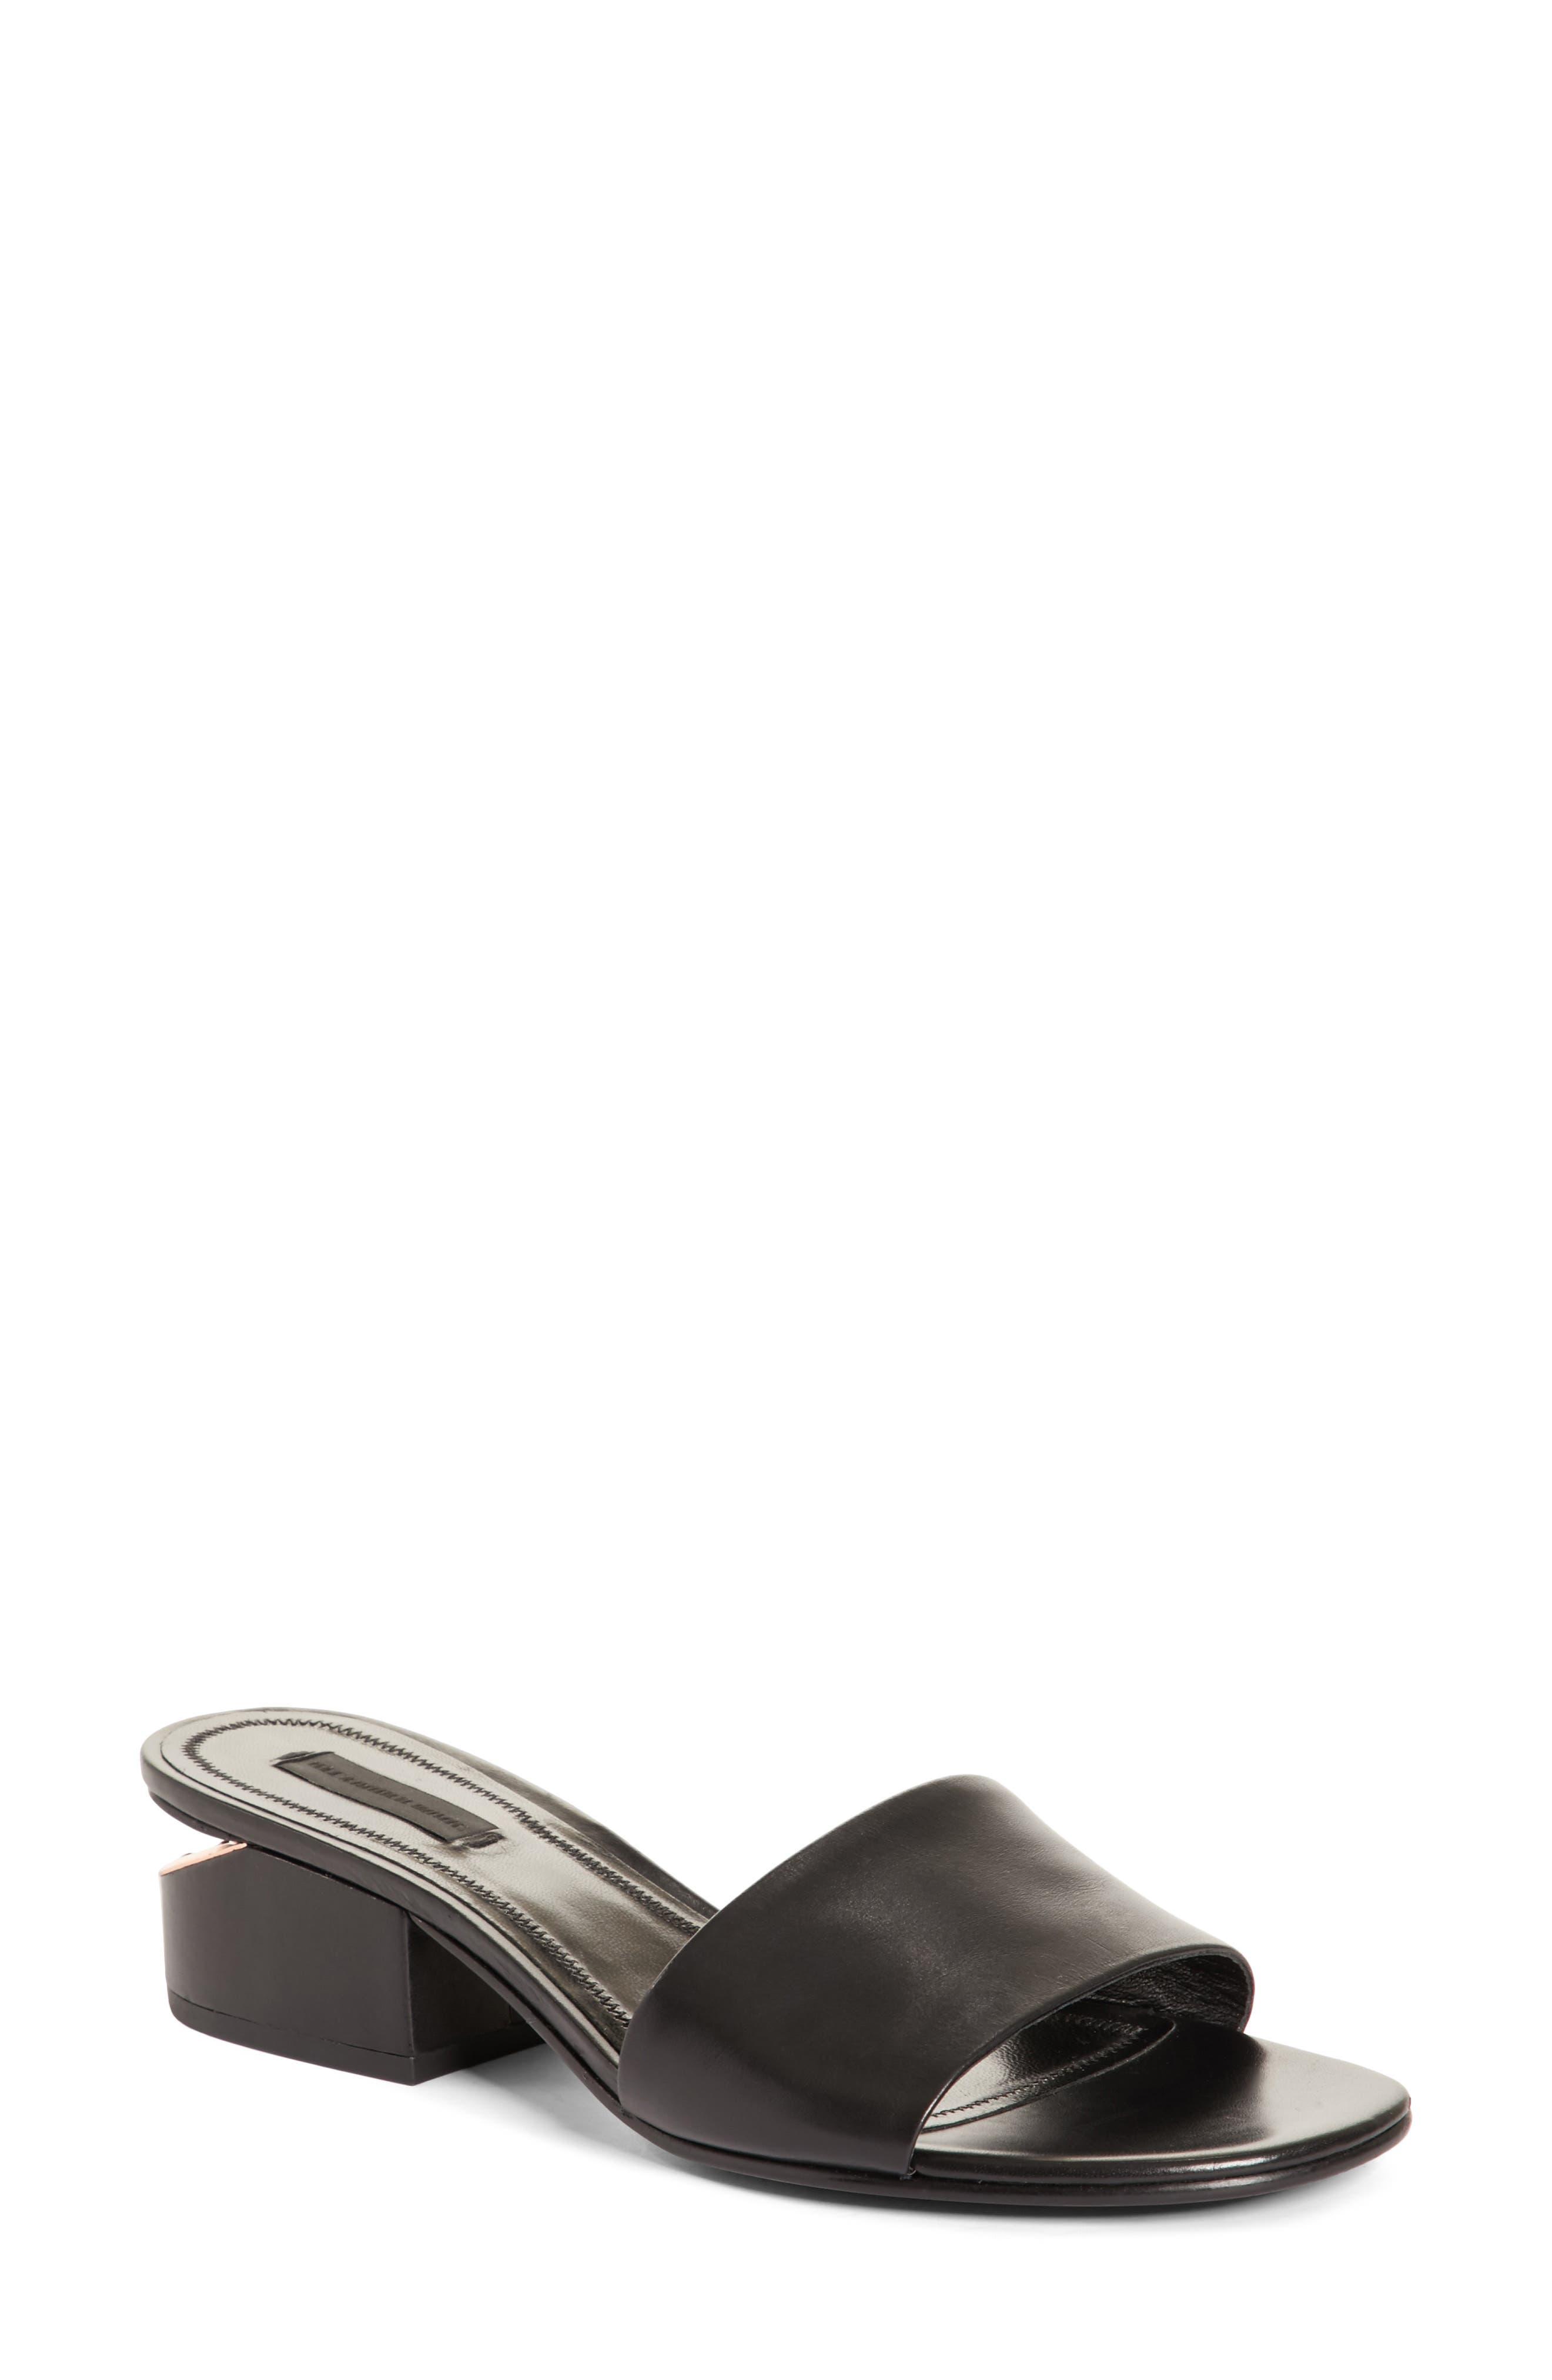 Lou Slide Sandal,                             Main thumbnail 1, color,                             Black/ Rose Gold